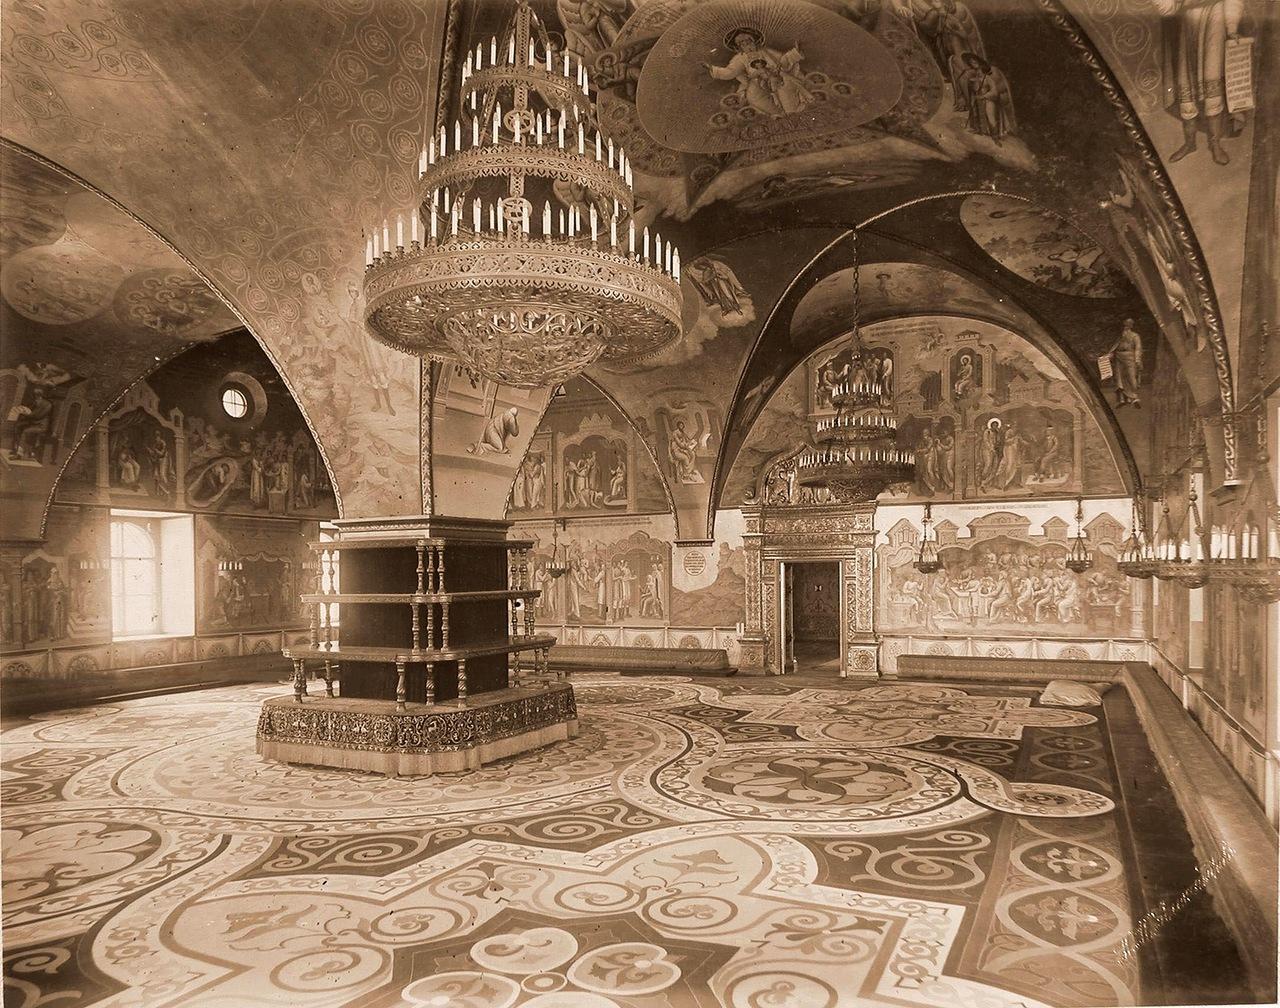 0_a84ce_aed70c2e_XXXLИнтерьер Грановитой палаты (построена в 1487-1491 гг. итальянскими архитекторами Марком Фрязиным и Пьетро Антонио Солари